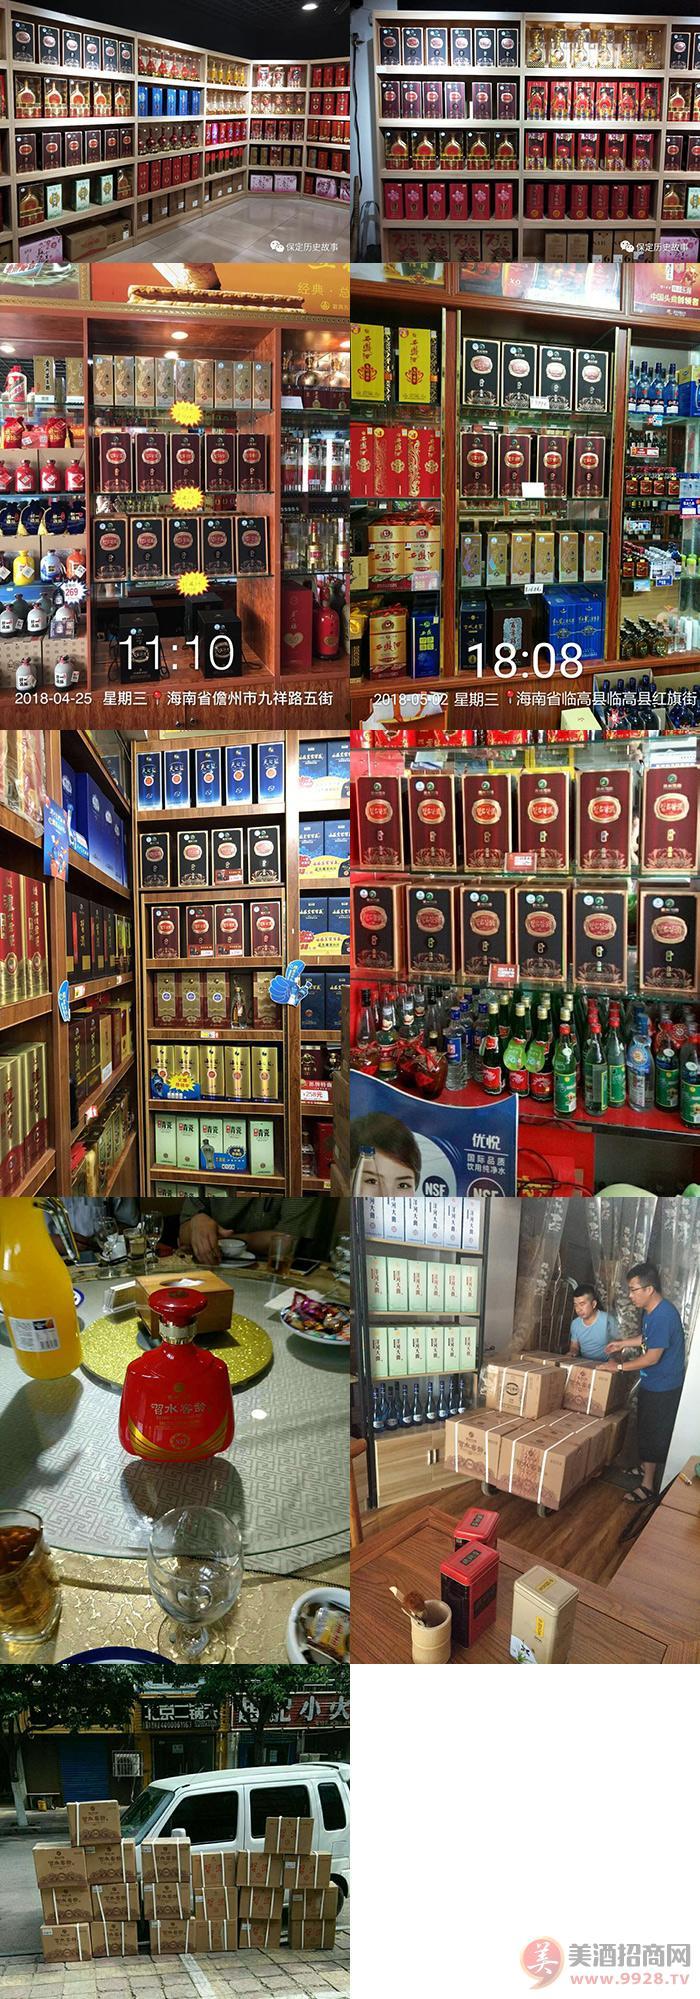 习酒系列产品陈列图片